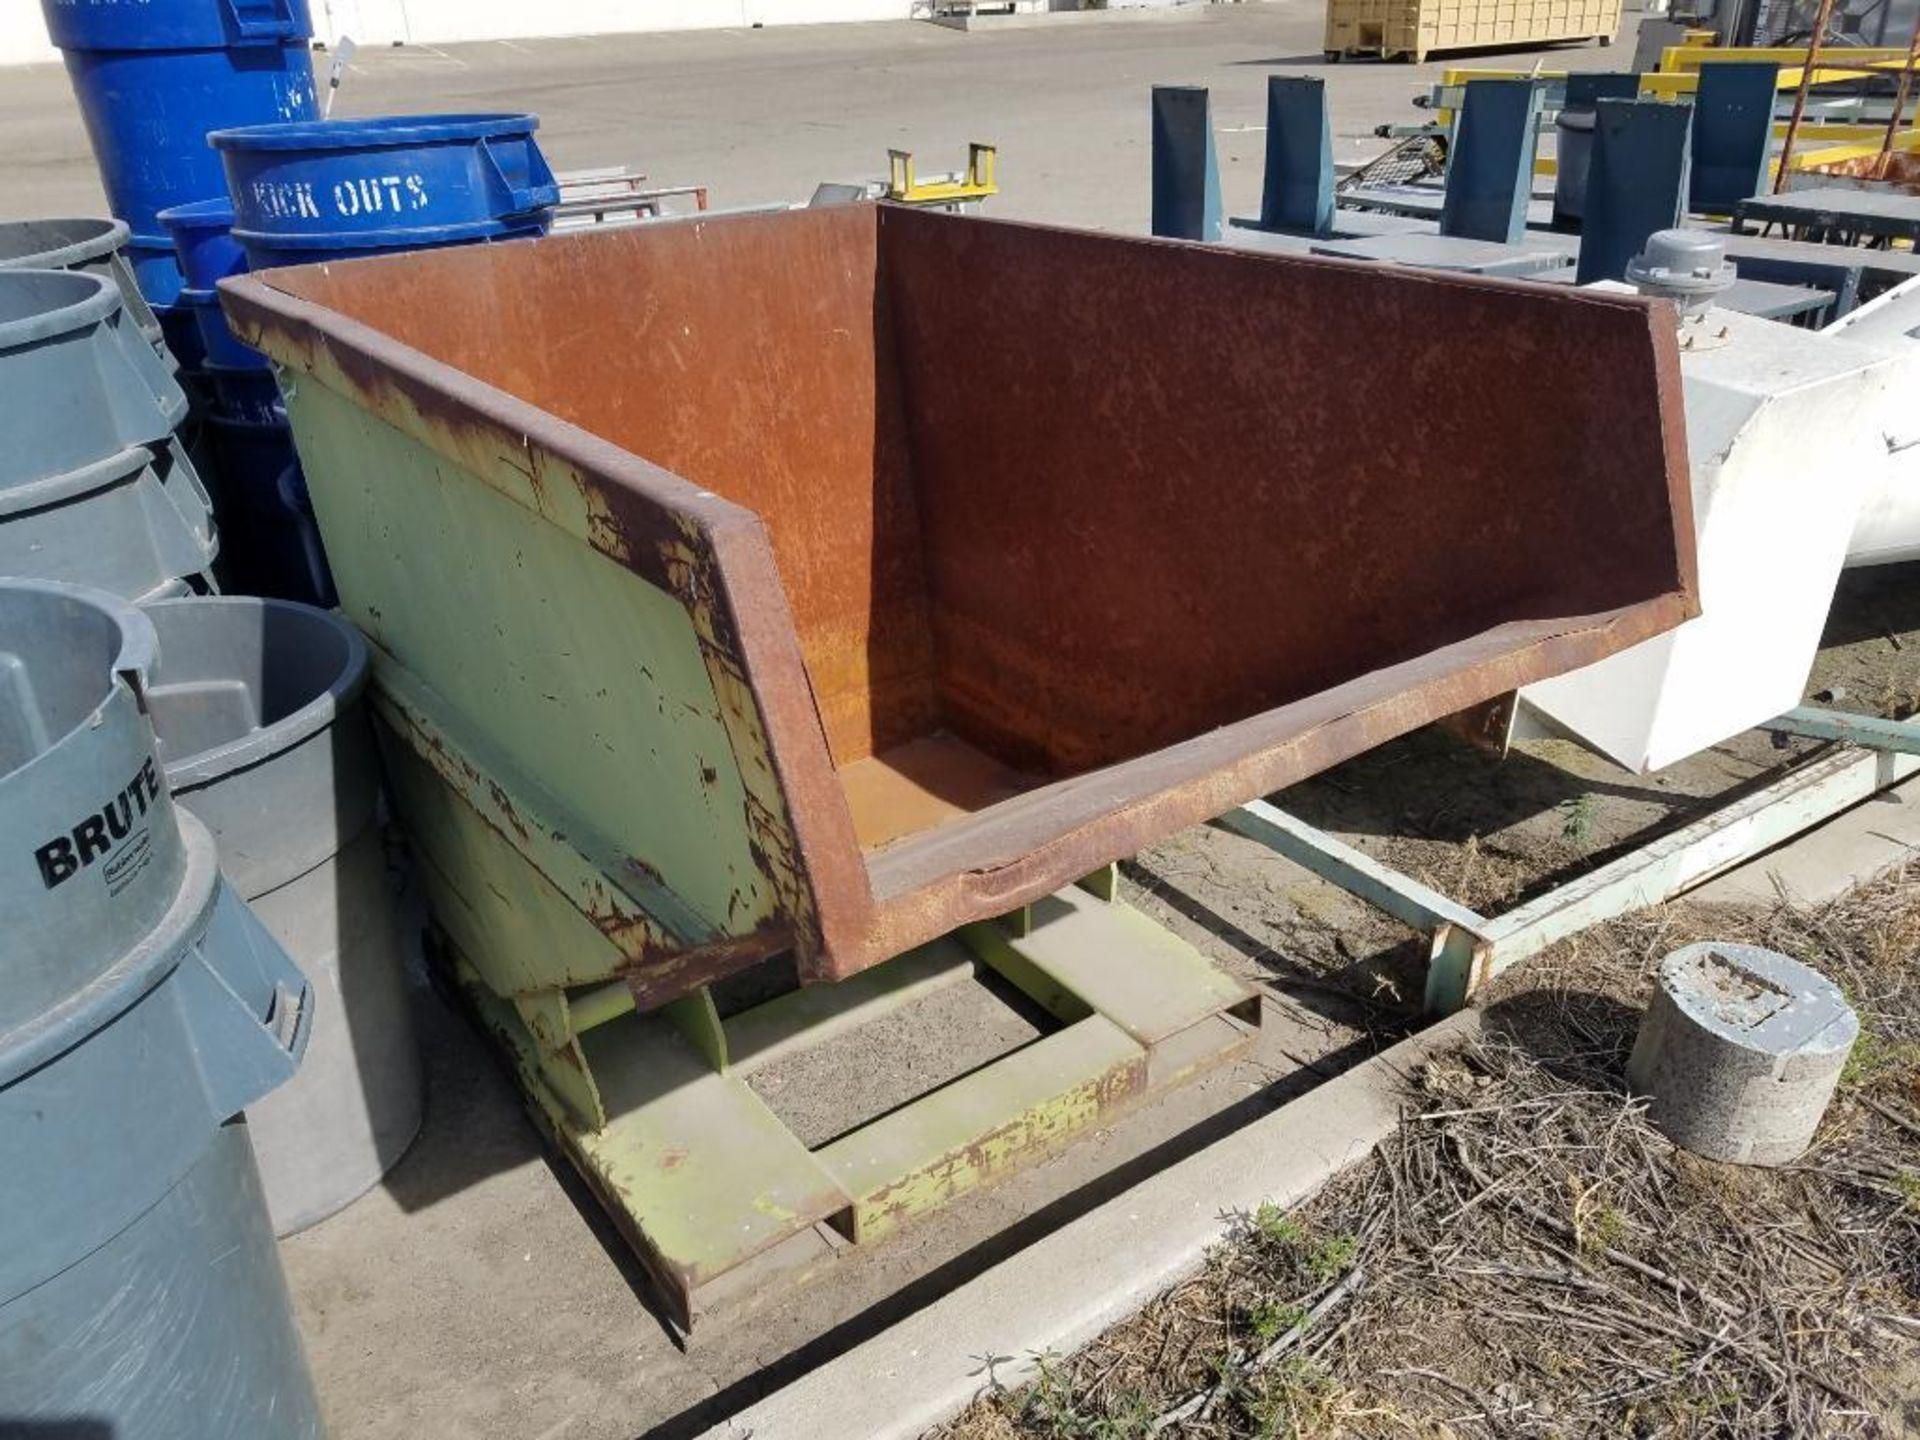 Raylift tilt dump hopper - Image 2 of 2